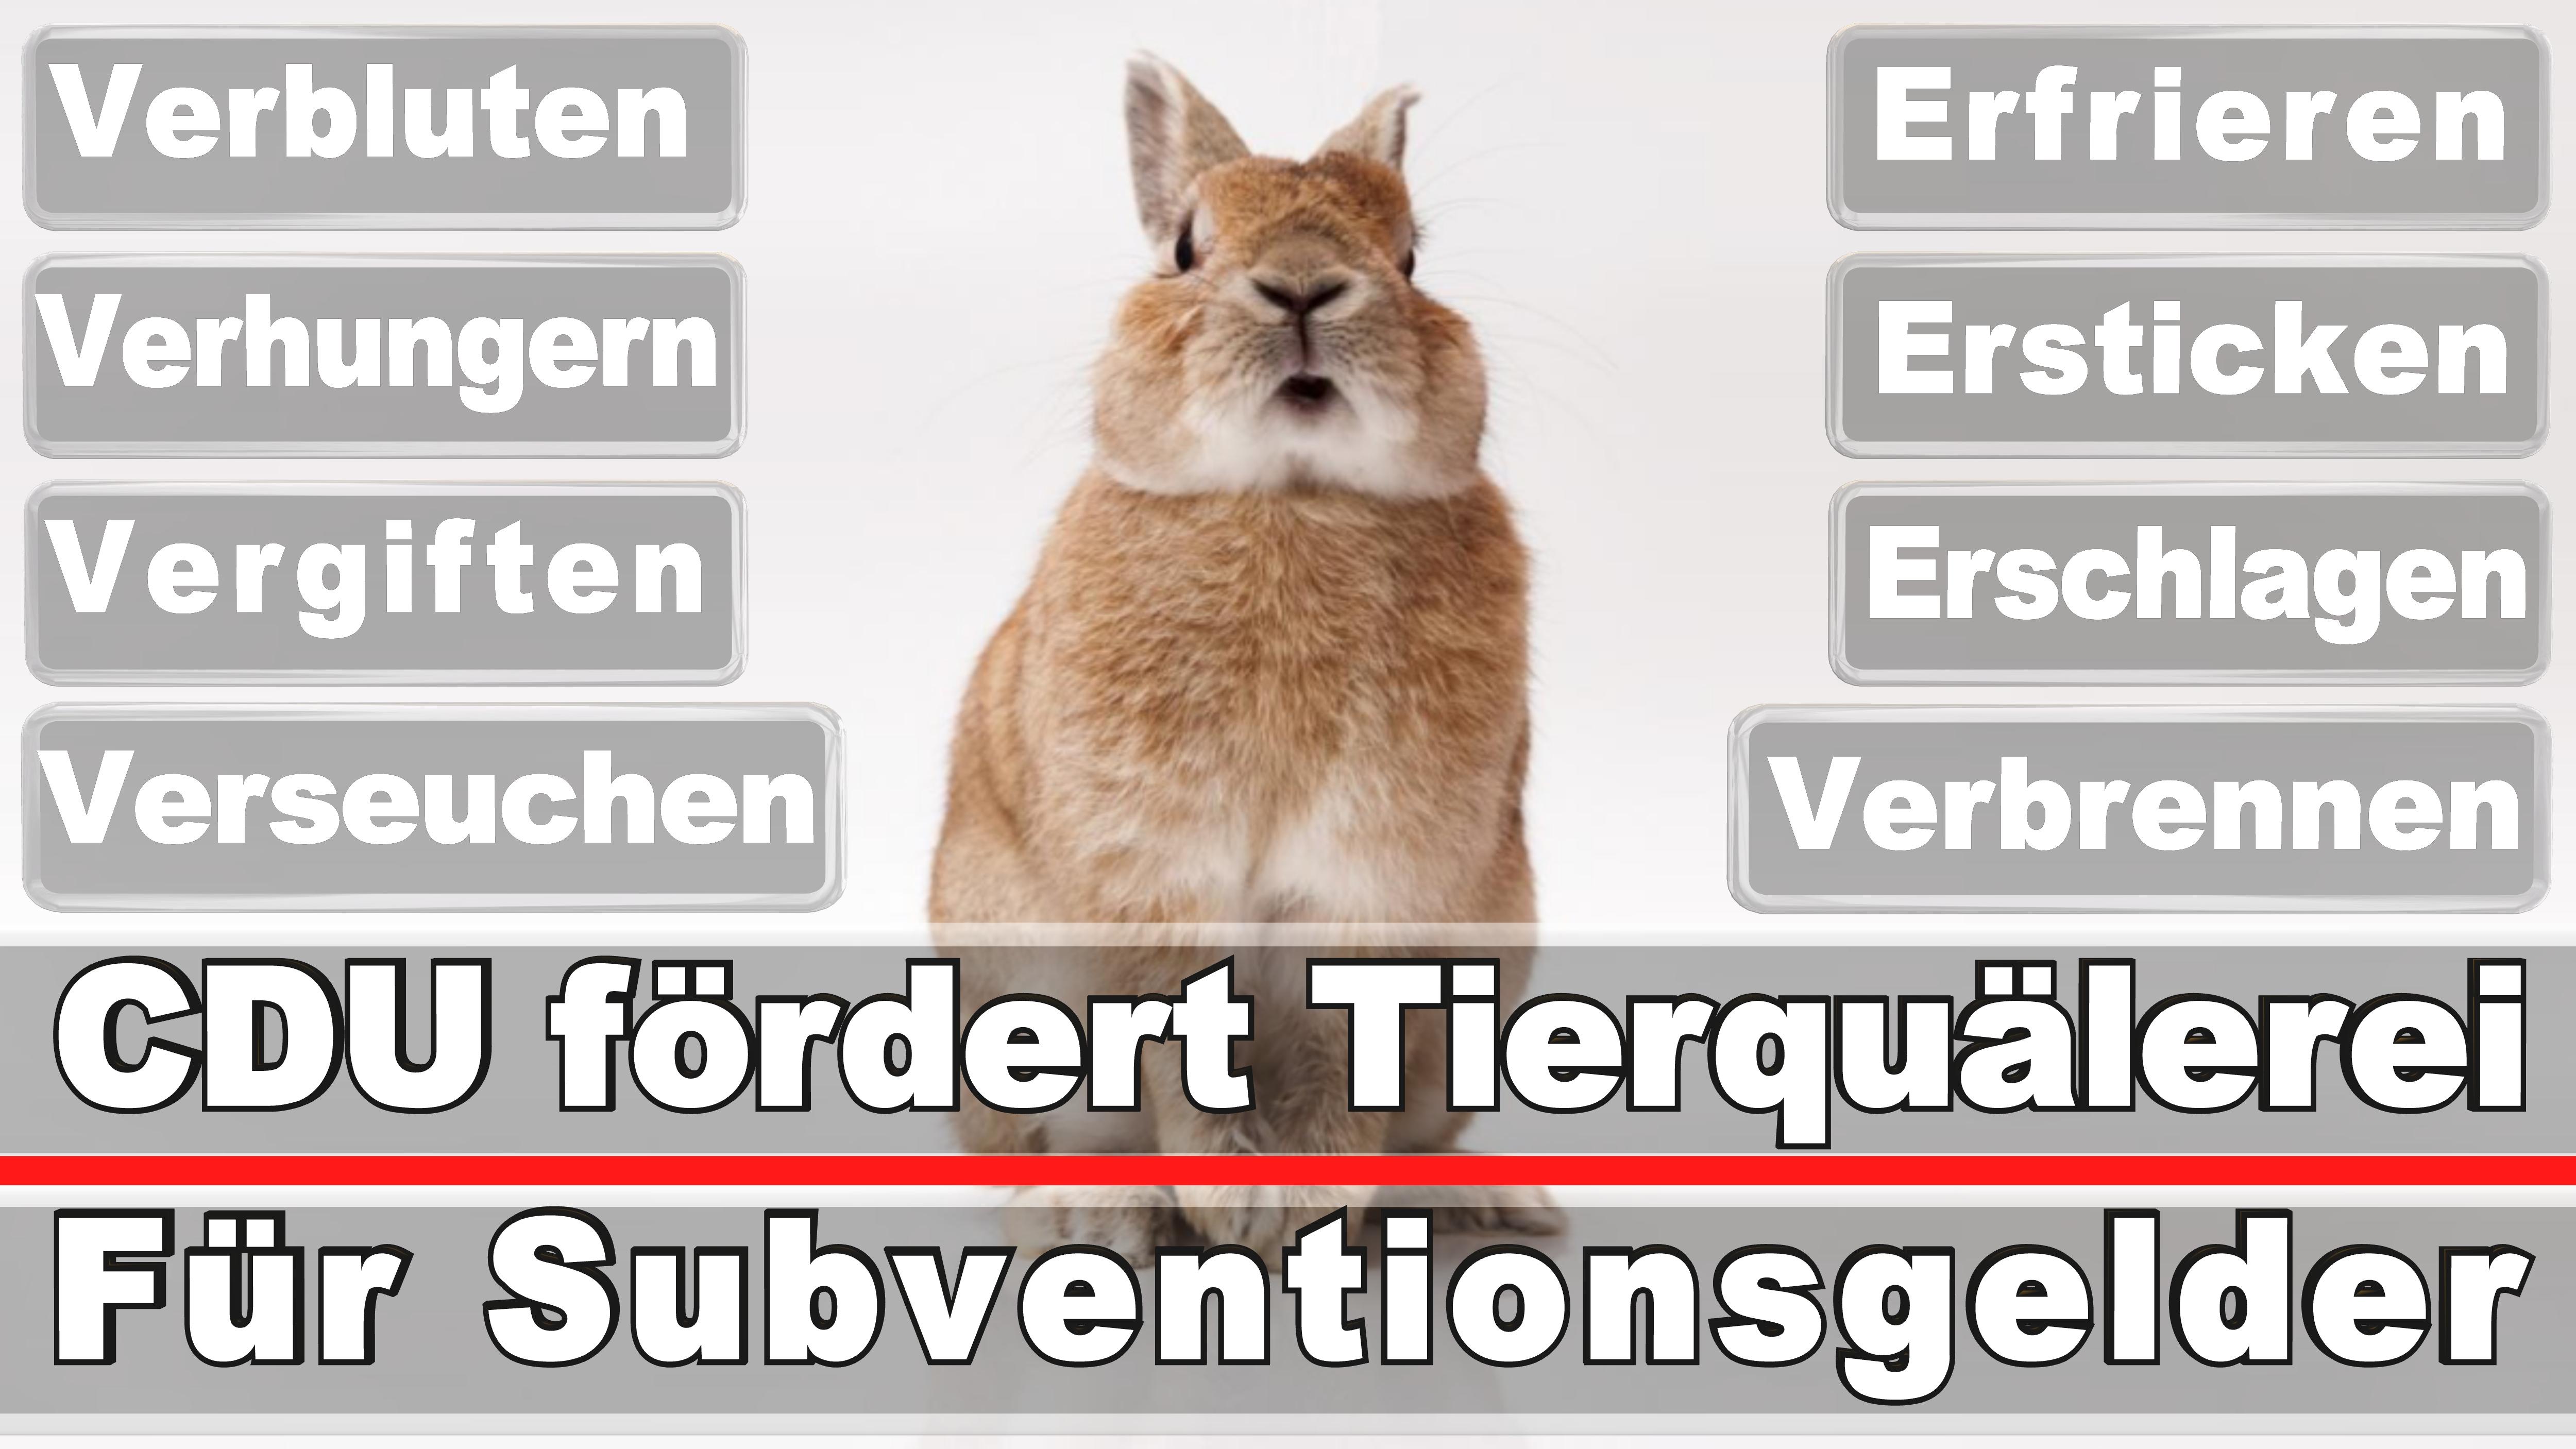 Landtagswahl-Bundestagswahl-CDU-SPD-FDP-AFD-Linke-Piraten (6)